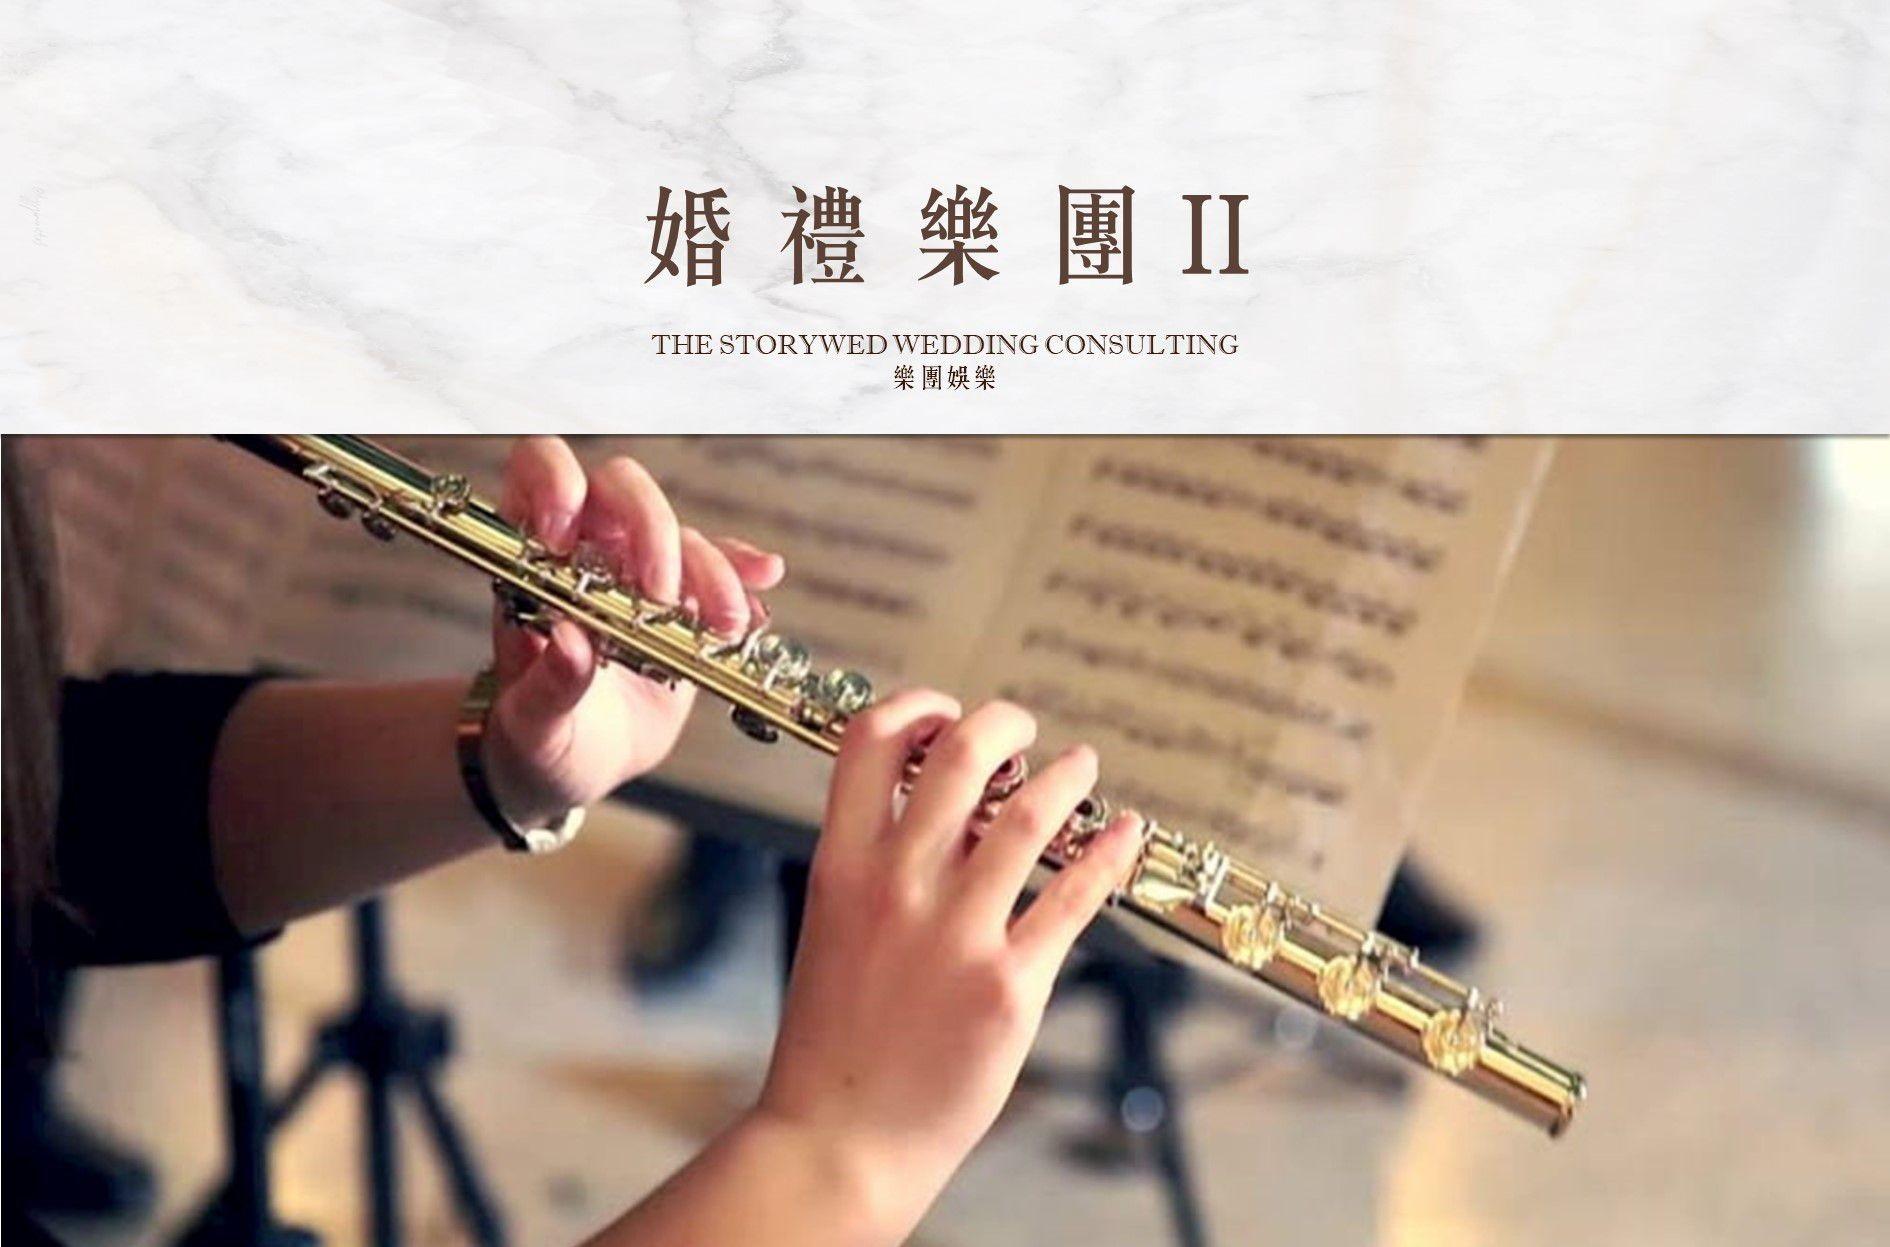 〖婚禮樂團〗Ⅱ - 台北樂團,爵士、古典質感呈現